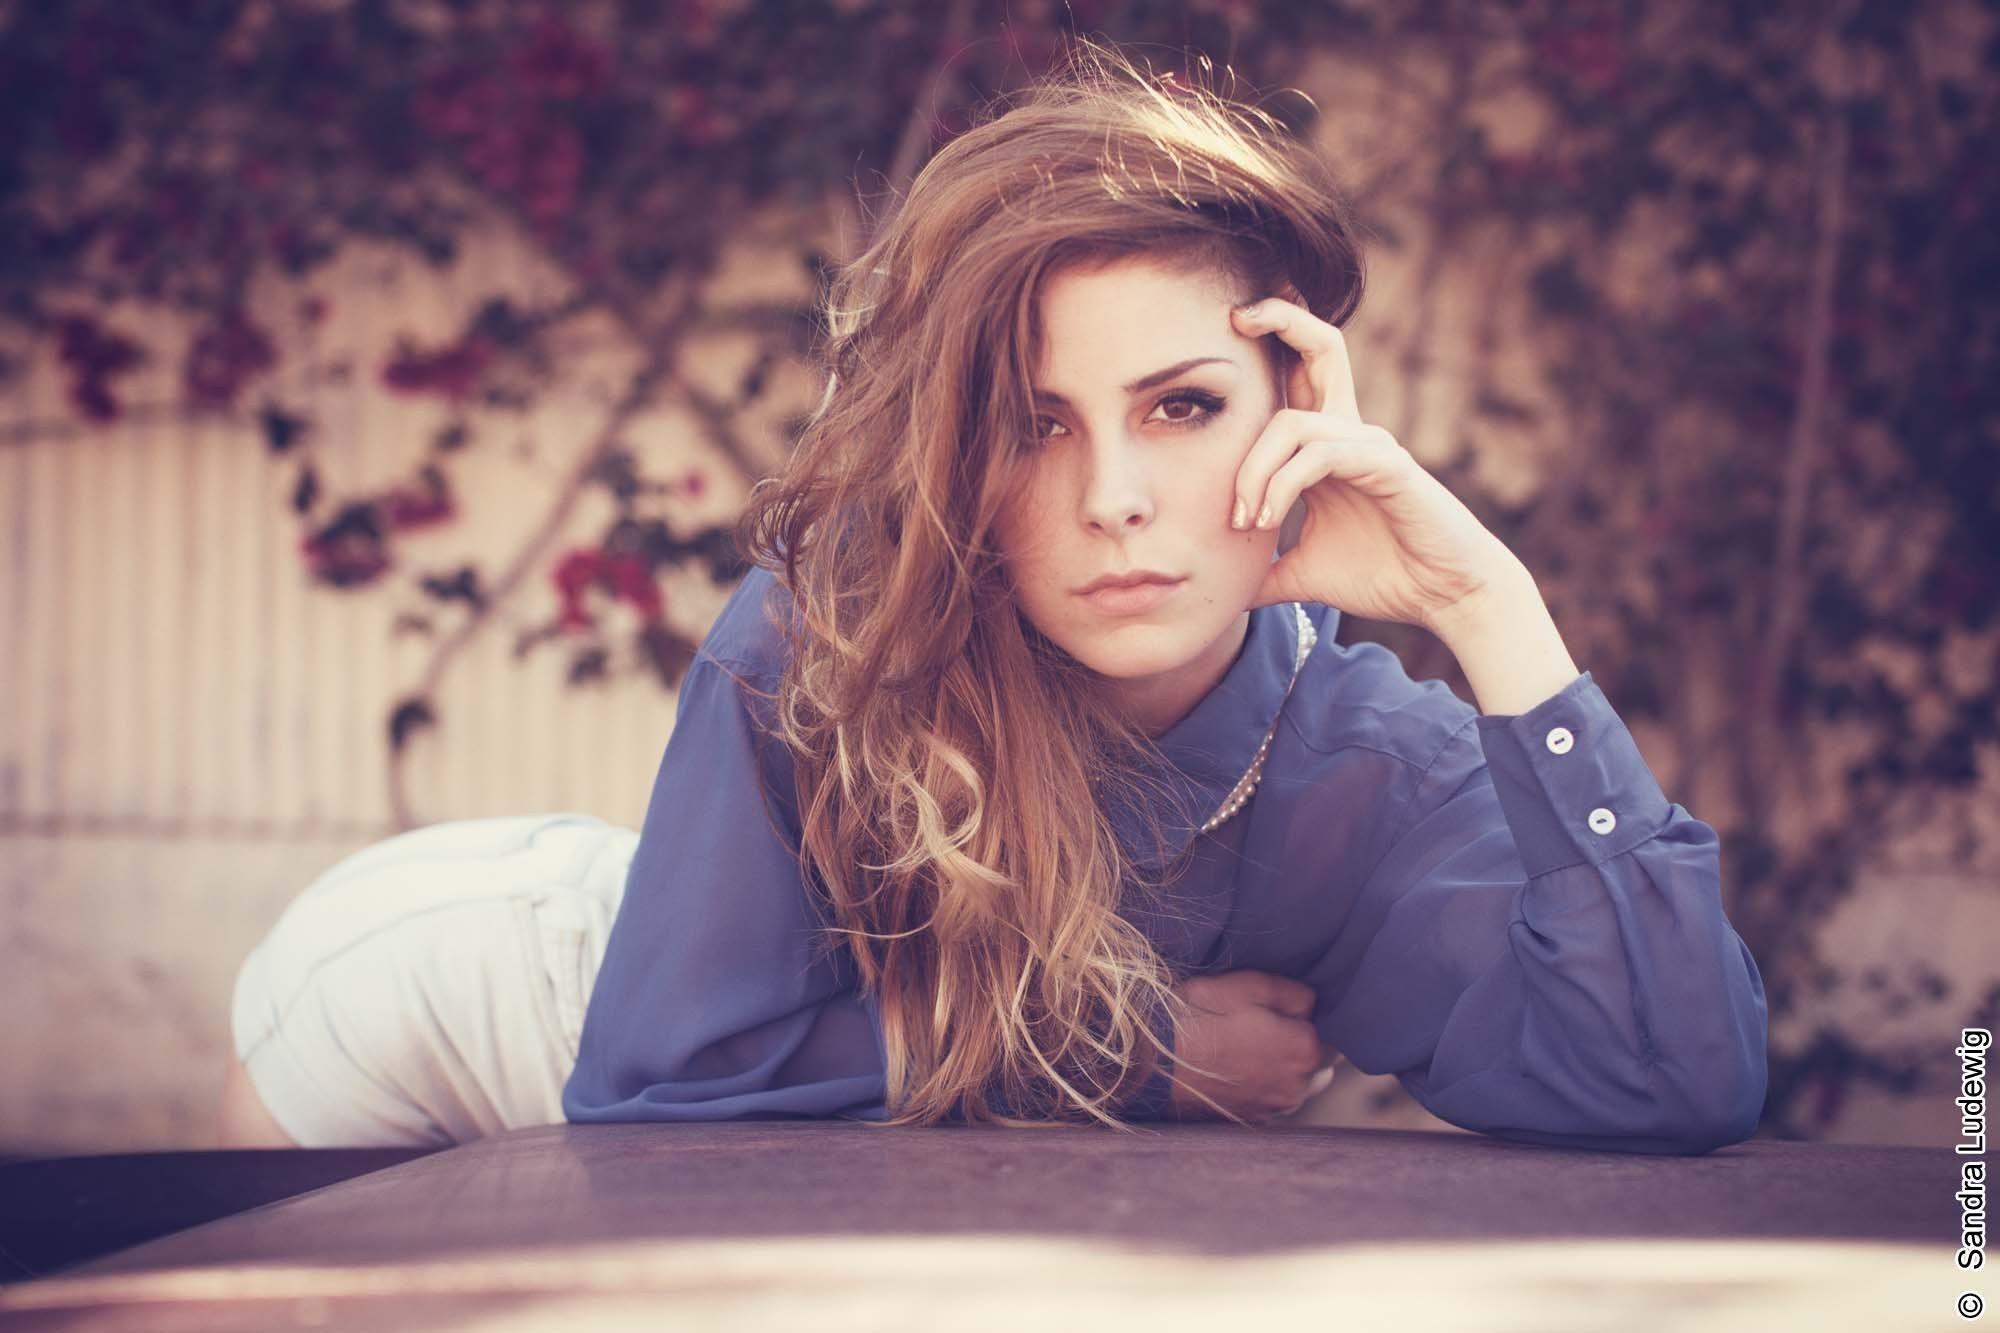 Women Lena Meyer Landrut Brunette Eyes Face Singer